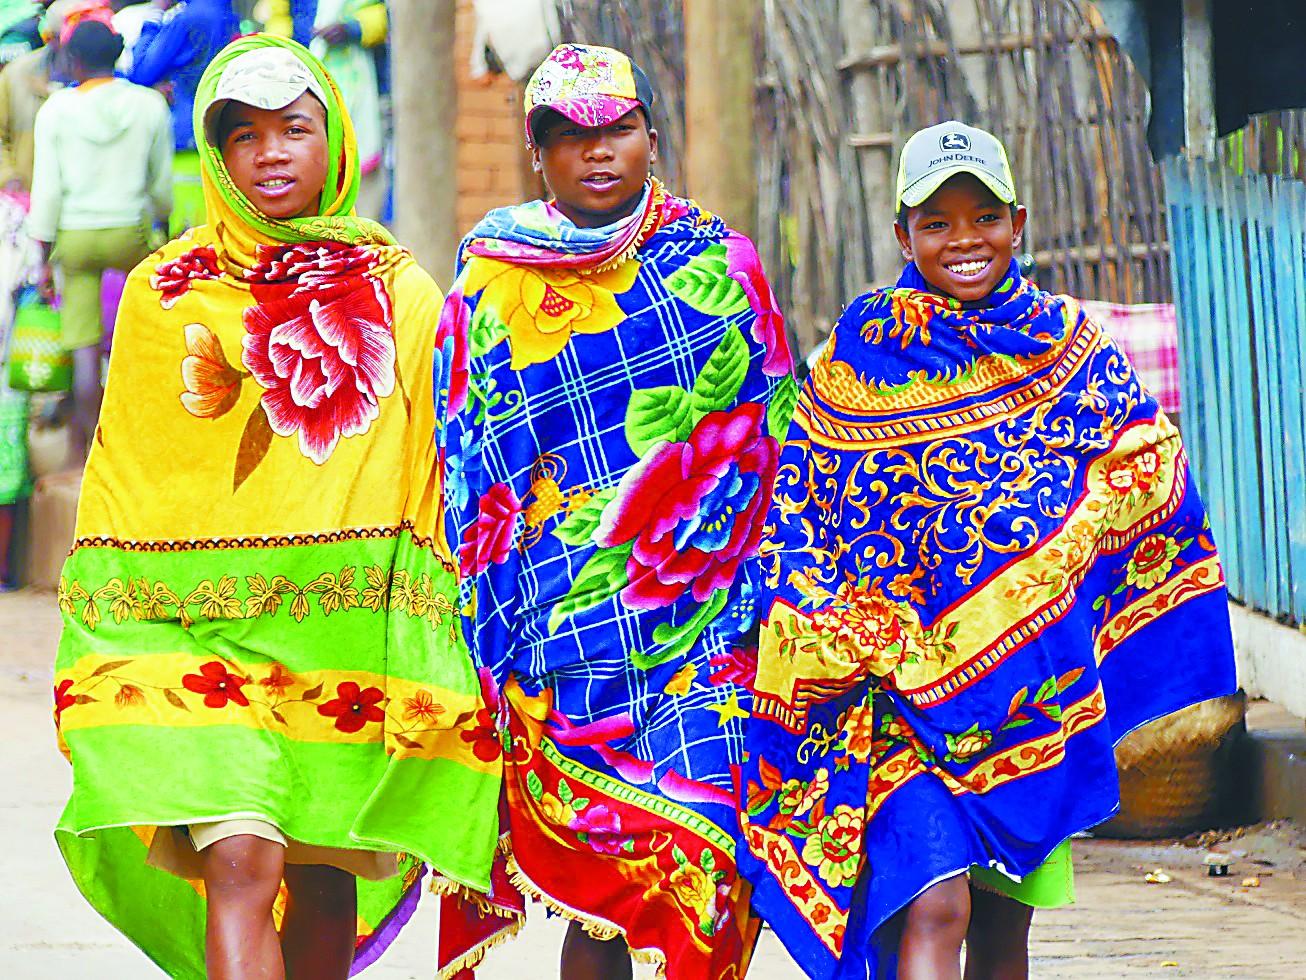 马达加斯加男人披花毯子扮帅